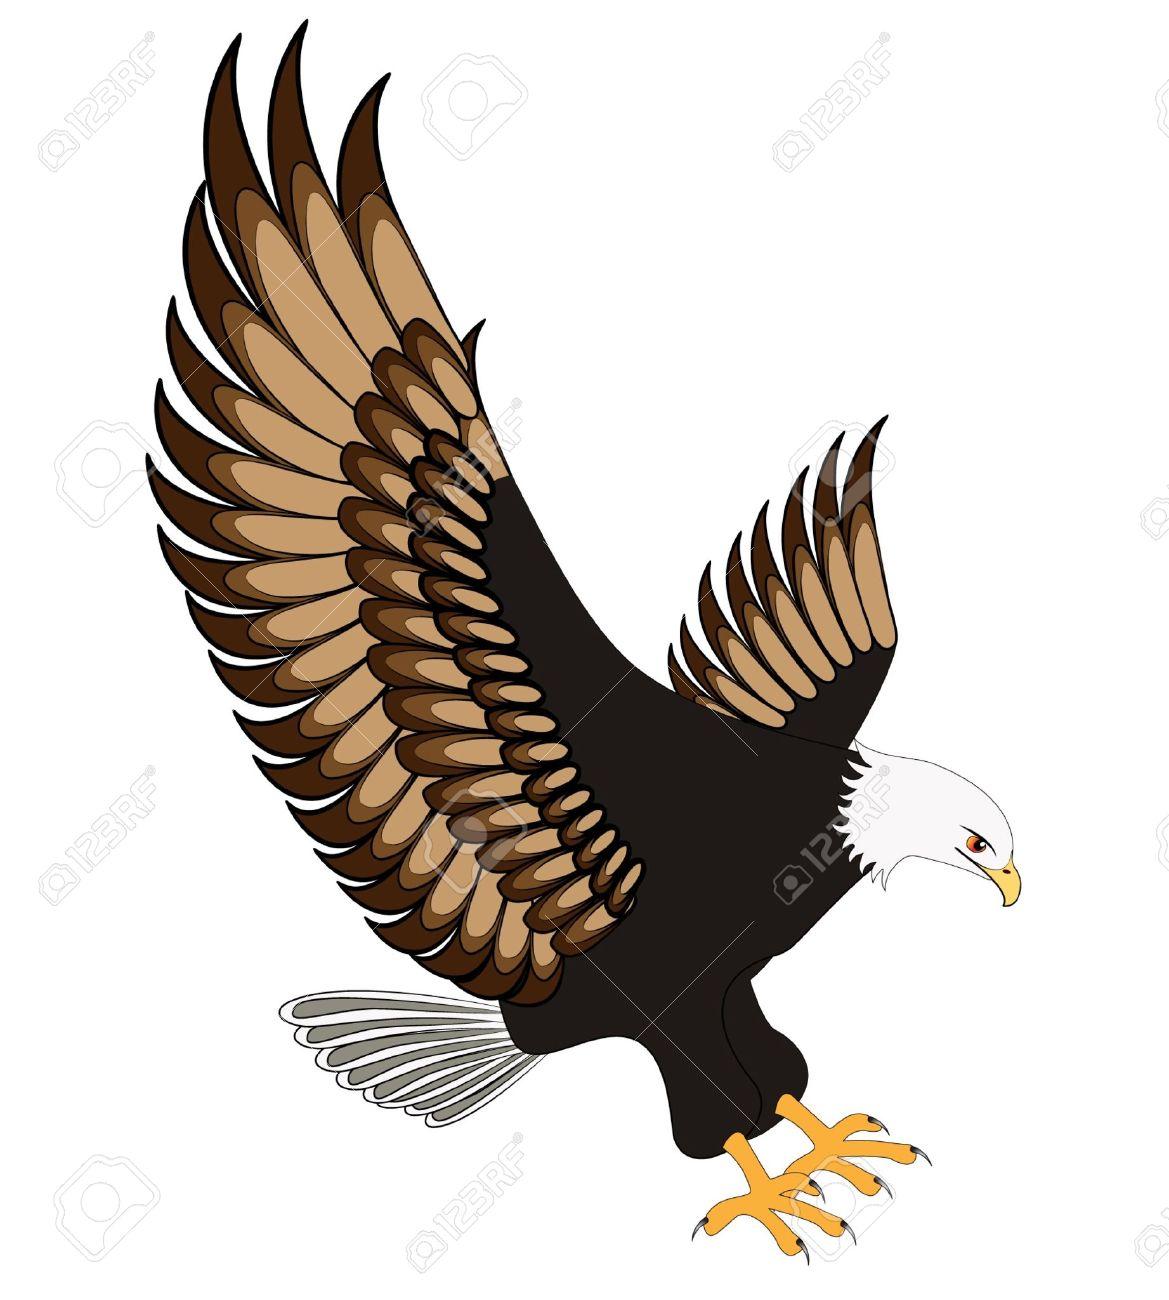 eagle flying: illustration flying eagle insulated on white background